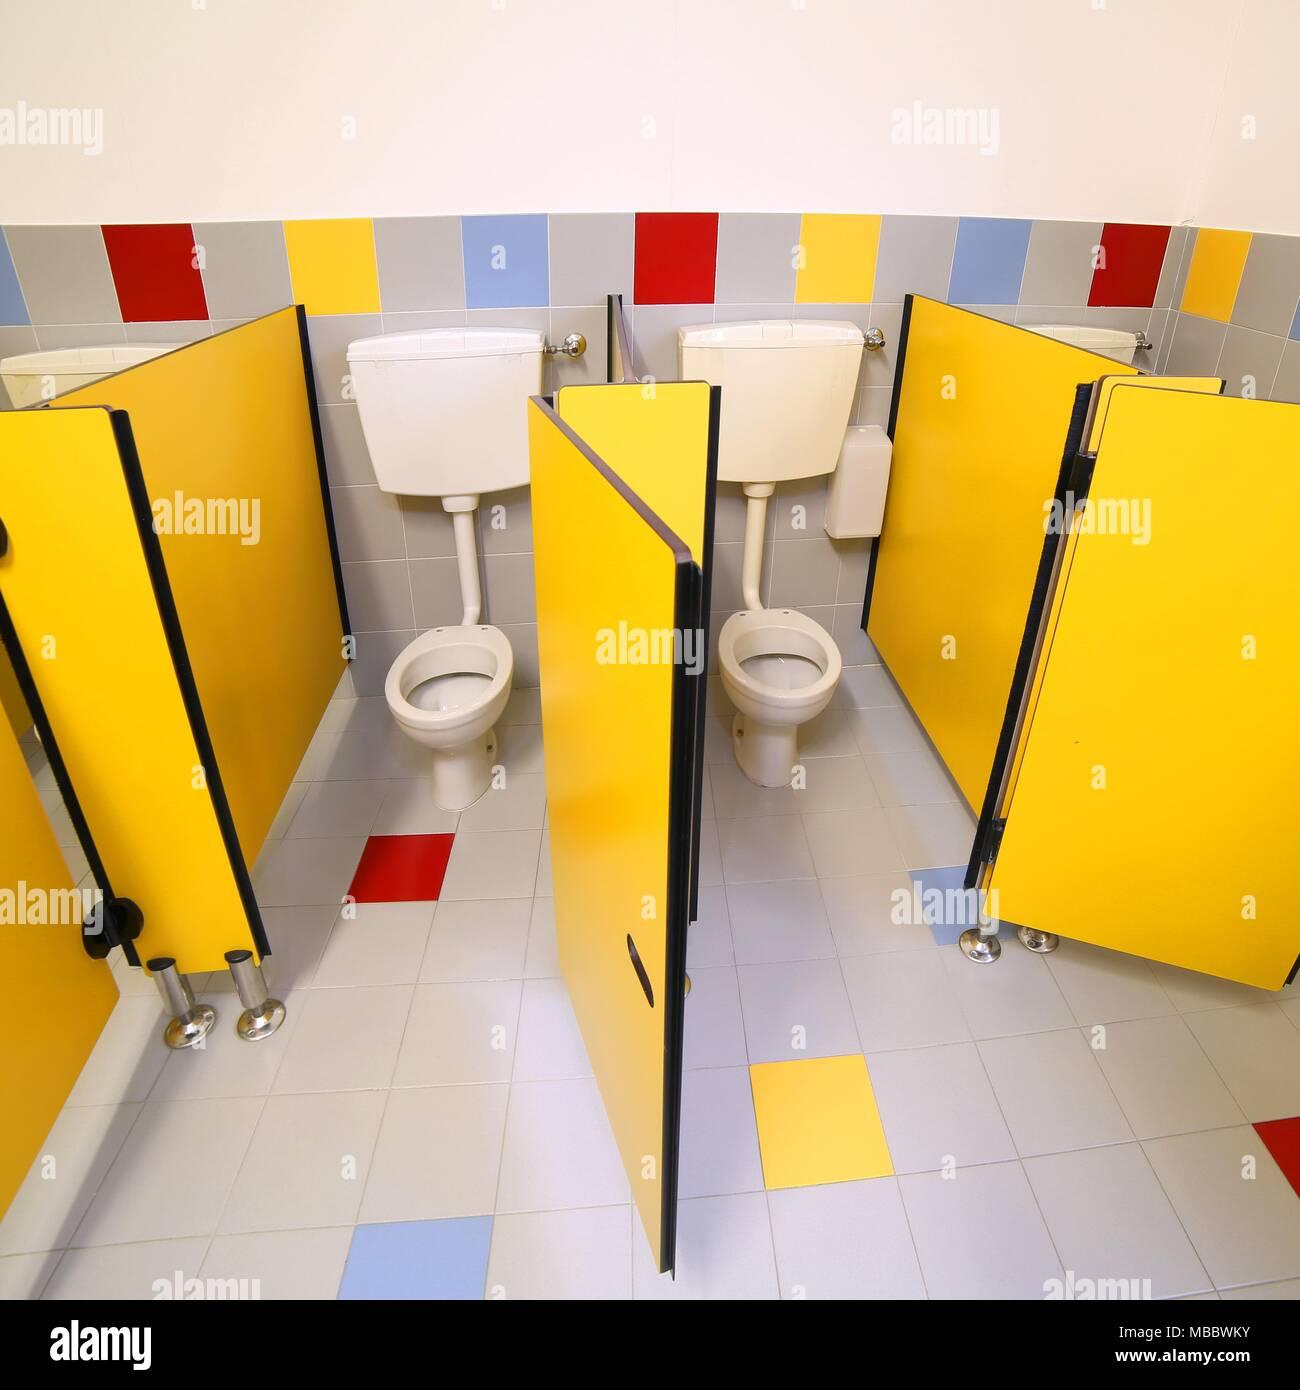 Wenig Toiletten Im Badezimmer Von Einem Kindergarten Ohne Menschen